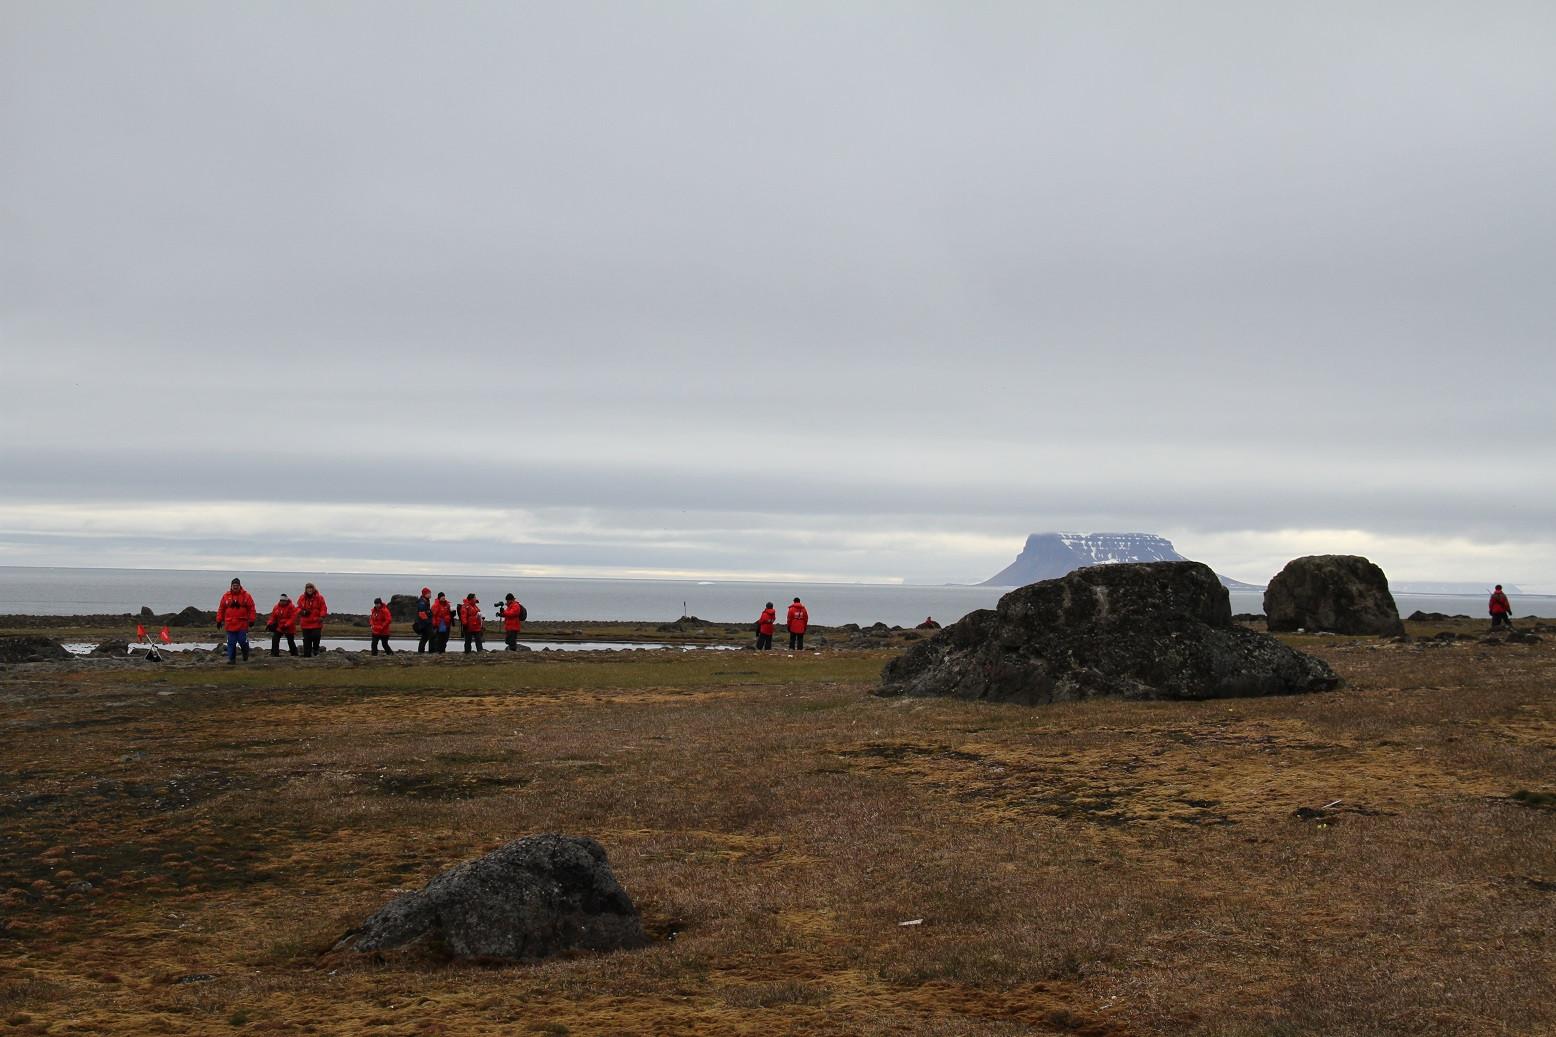 Прогулка по мысу Флора острова Нортбрука. Фото - Юлия Петрова